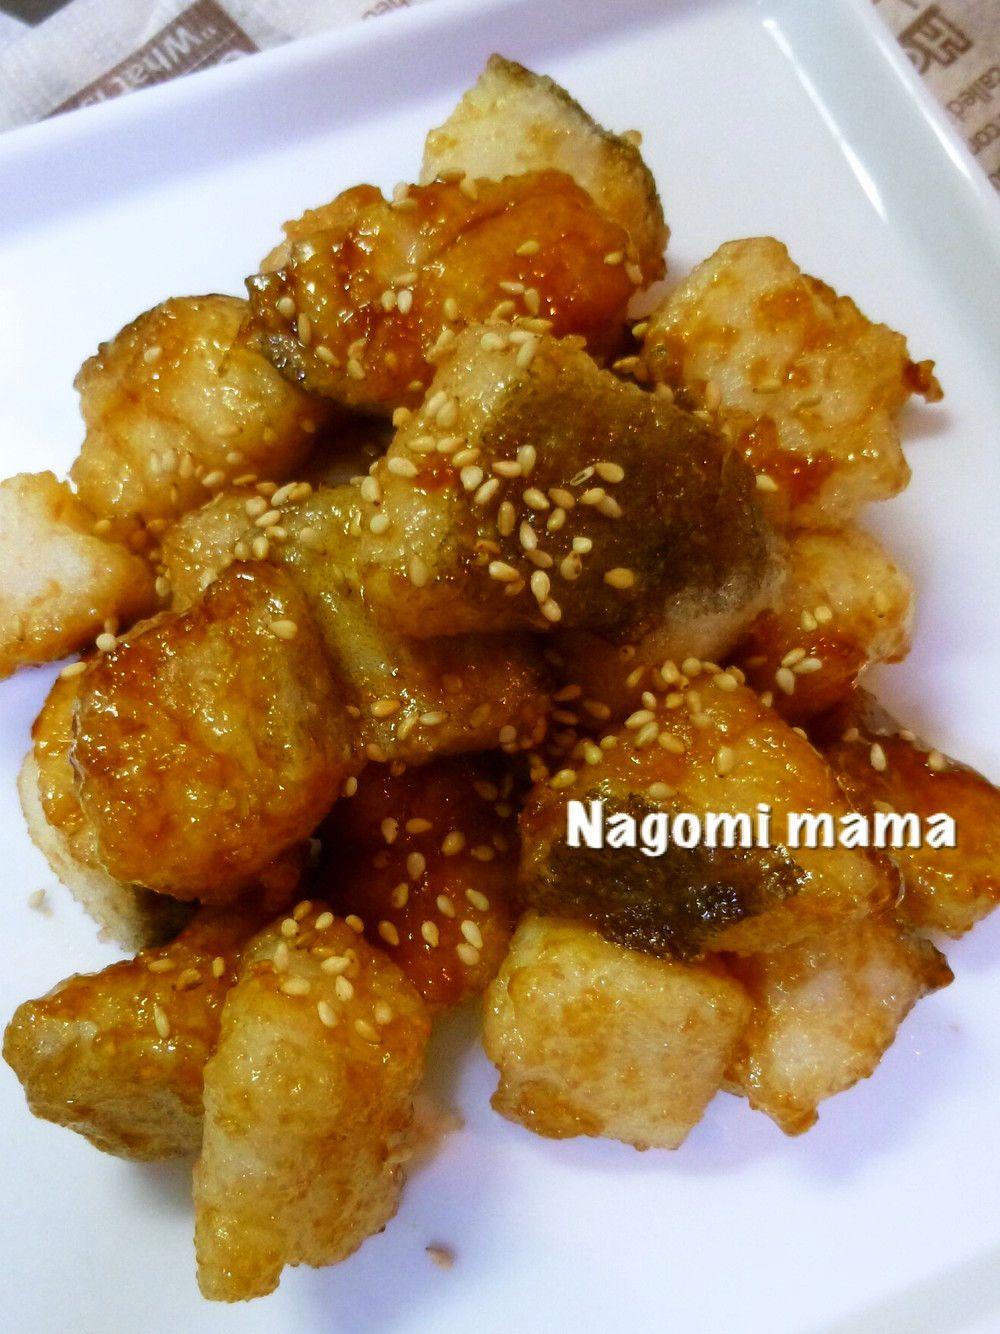 タラのコロコロ甘辛揚げ by 和みmama レシピ レシピ 魚 レシピ たら レシピ